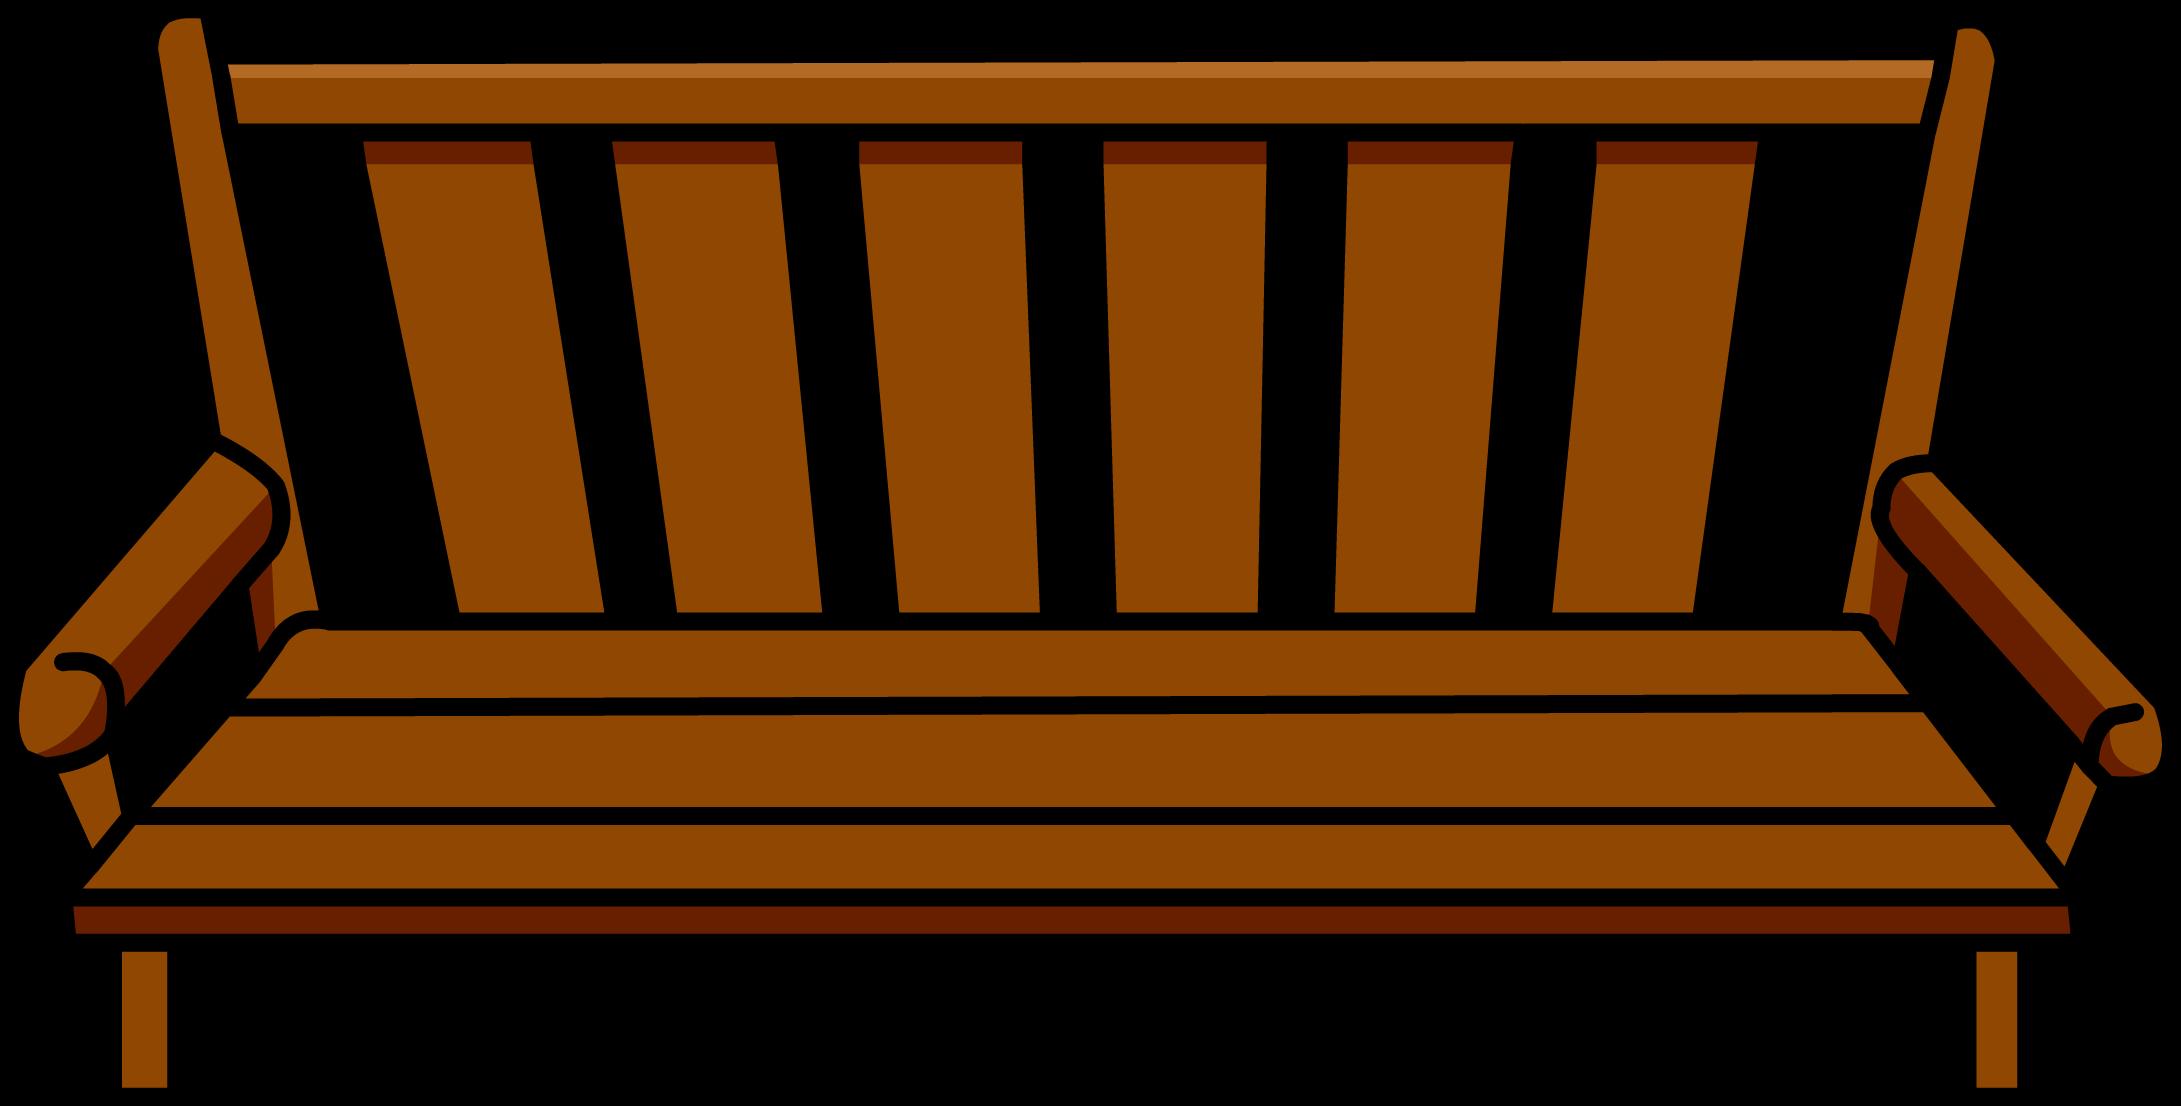 Wood Bench Club Penguin Wiki Fandom Powered By Wikia